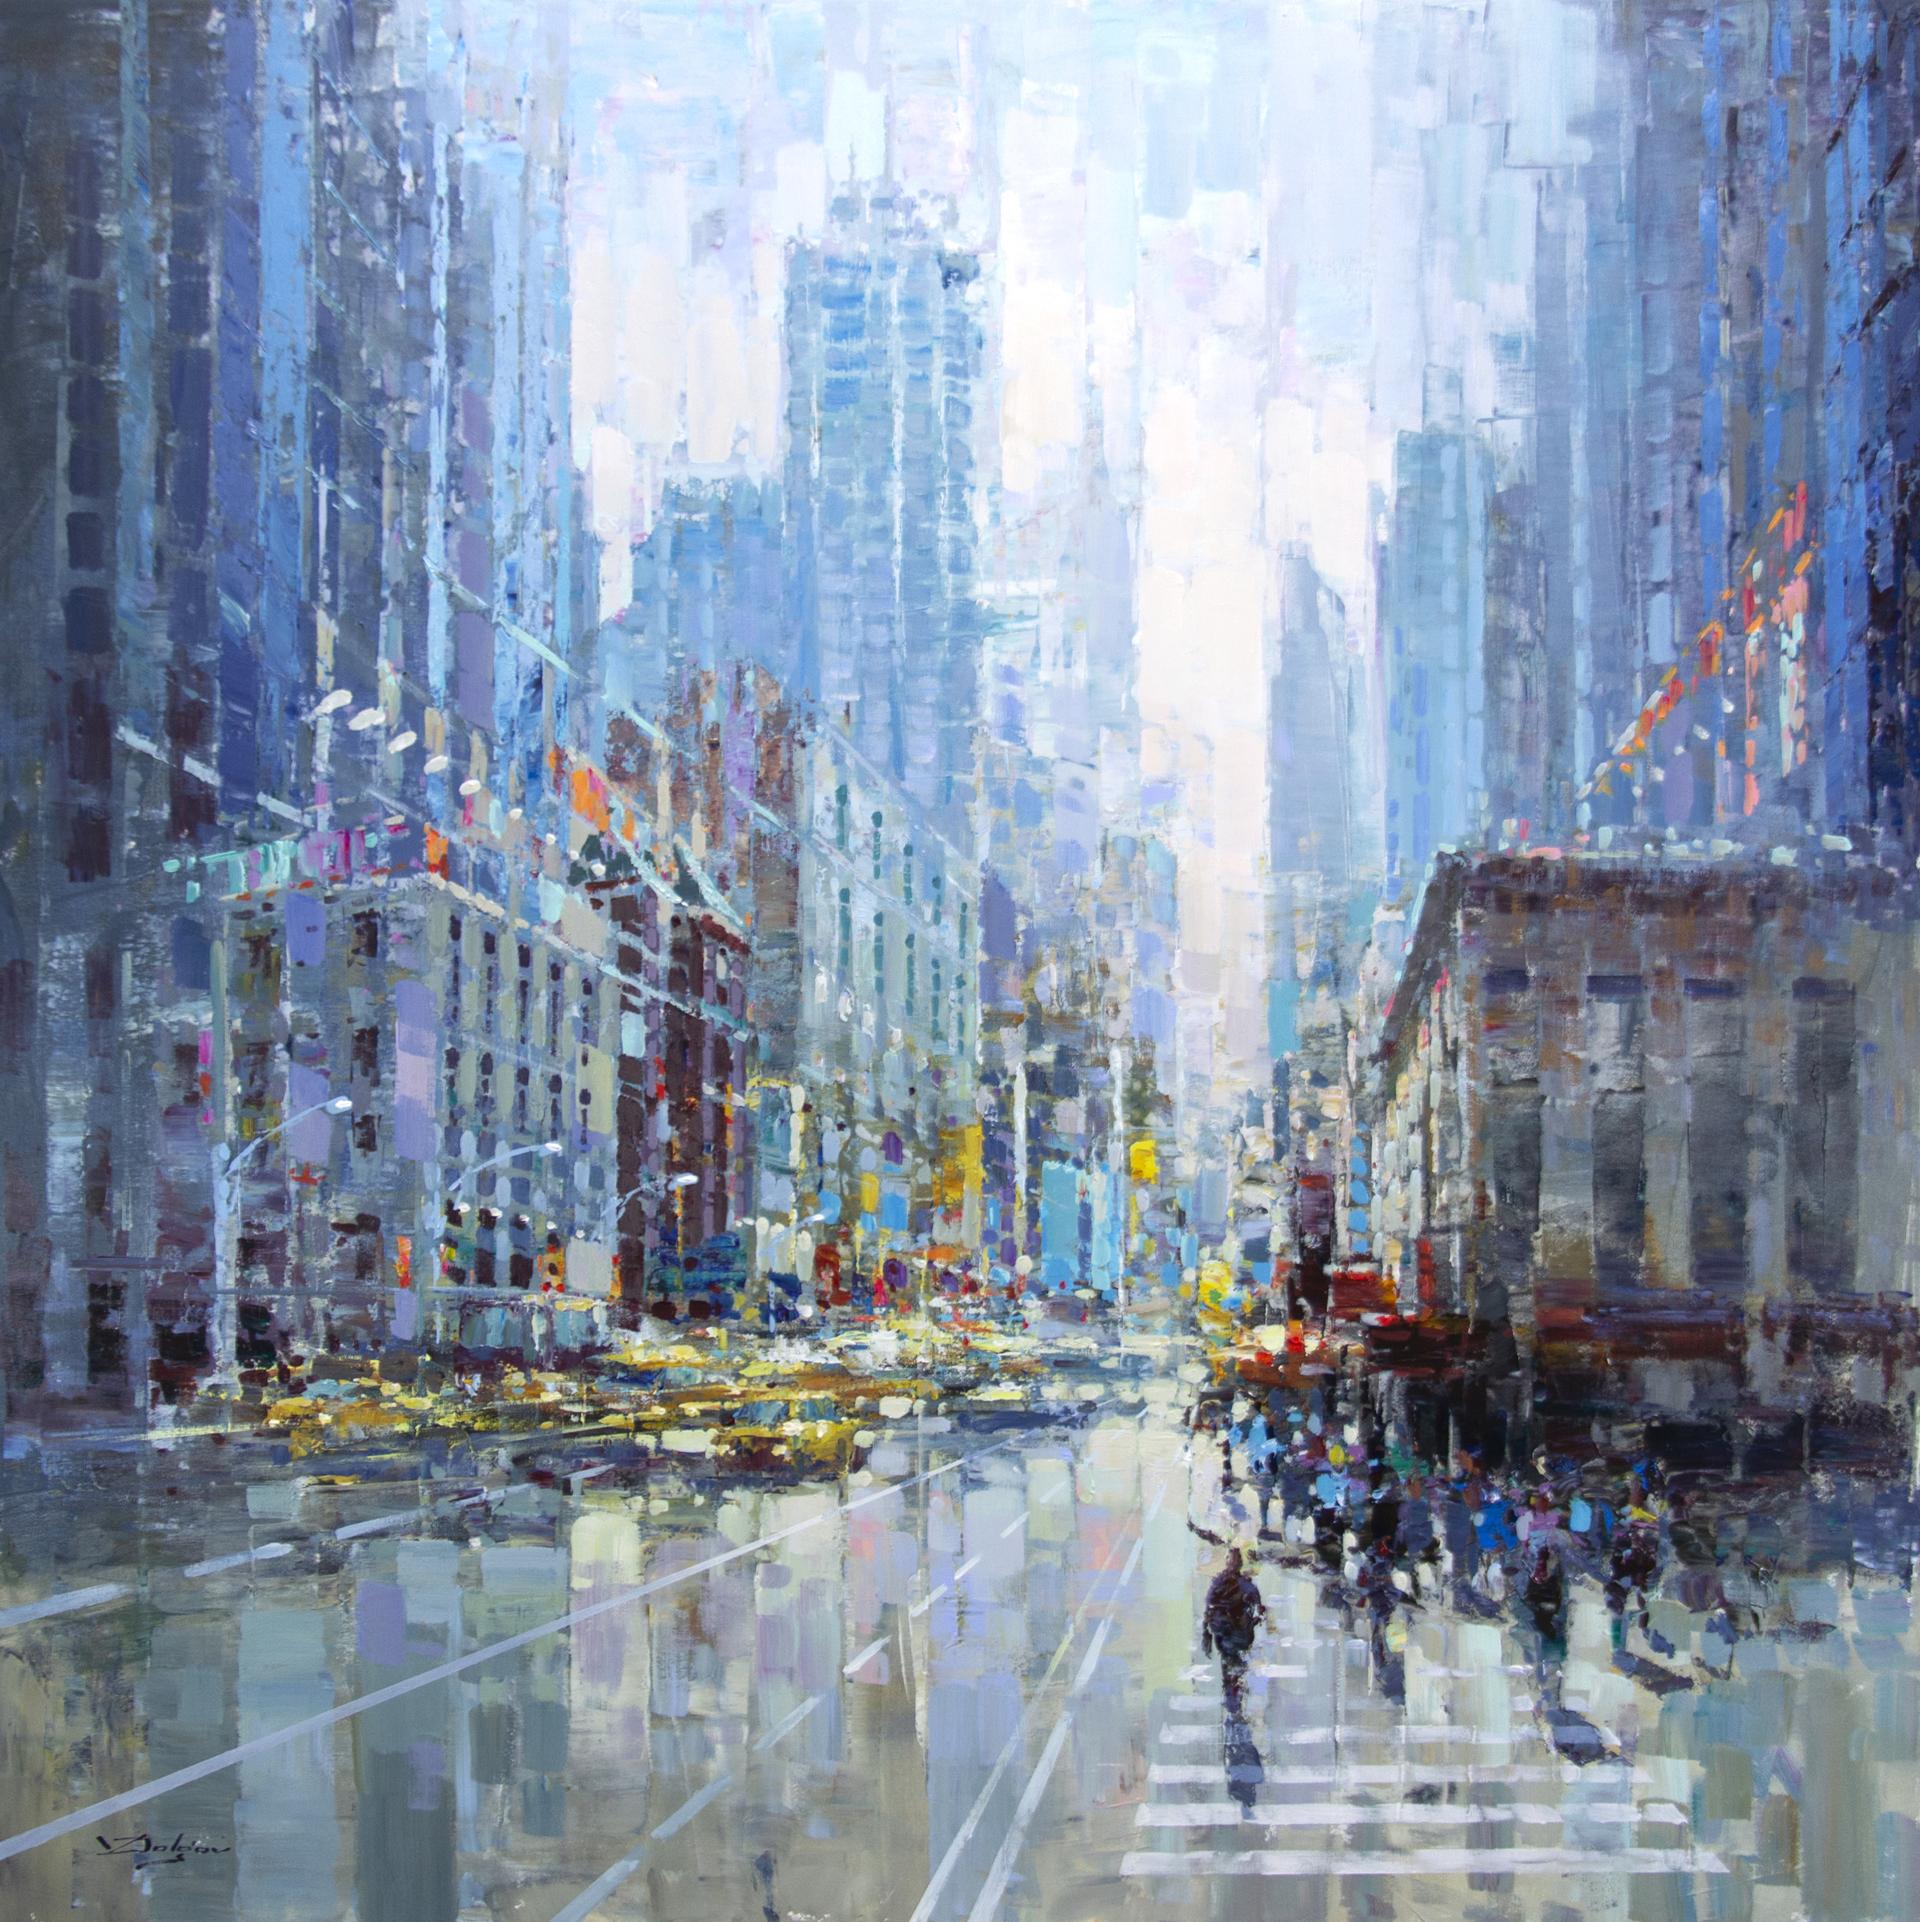 City Life - NYC by Vadim Dolgov